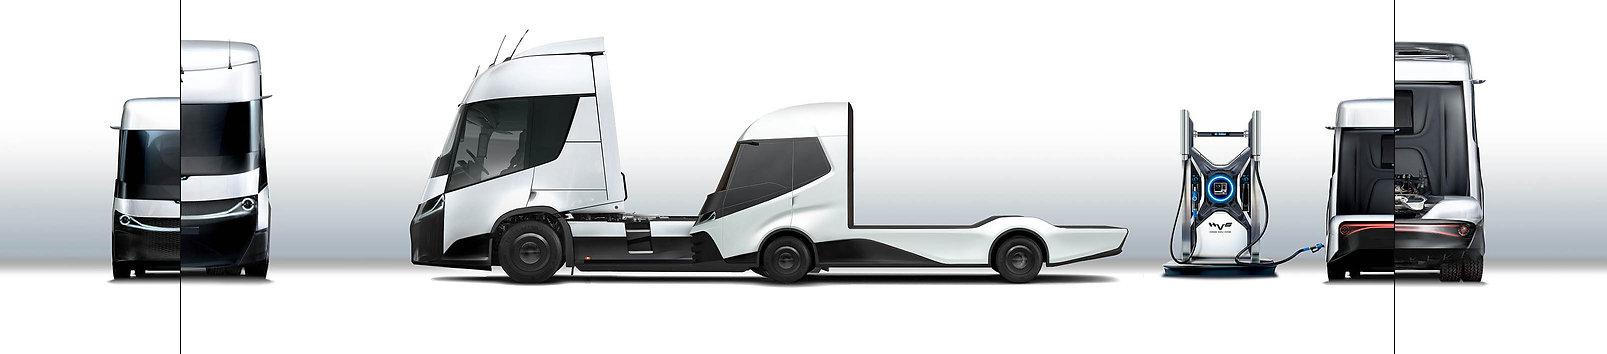 HVS Van + Truck - HVS - web.jpg